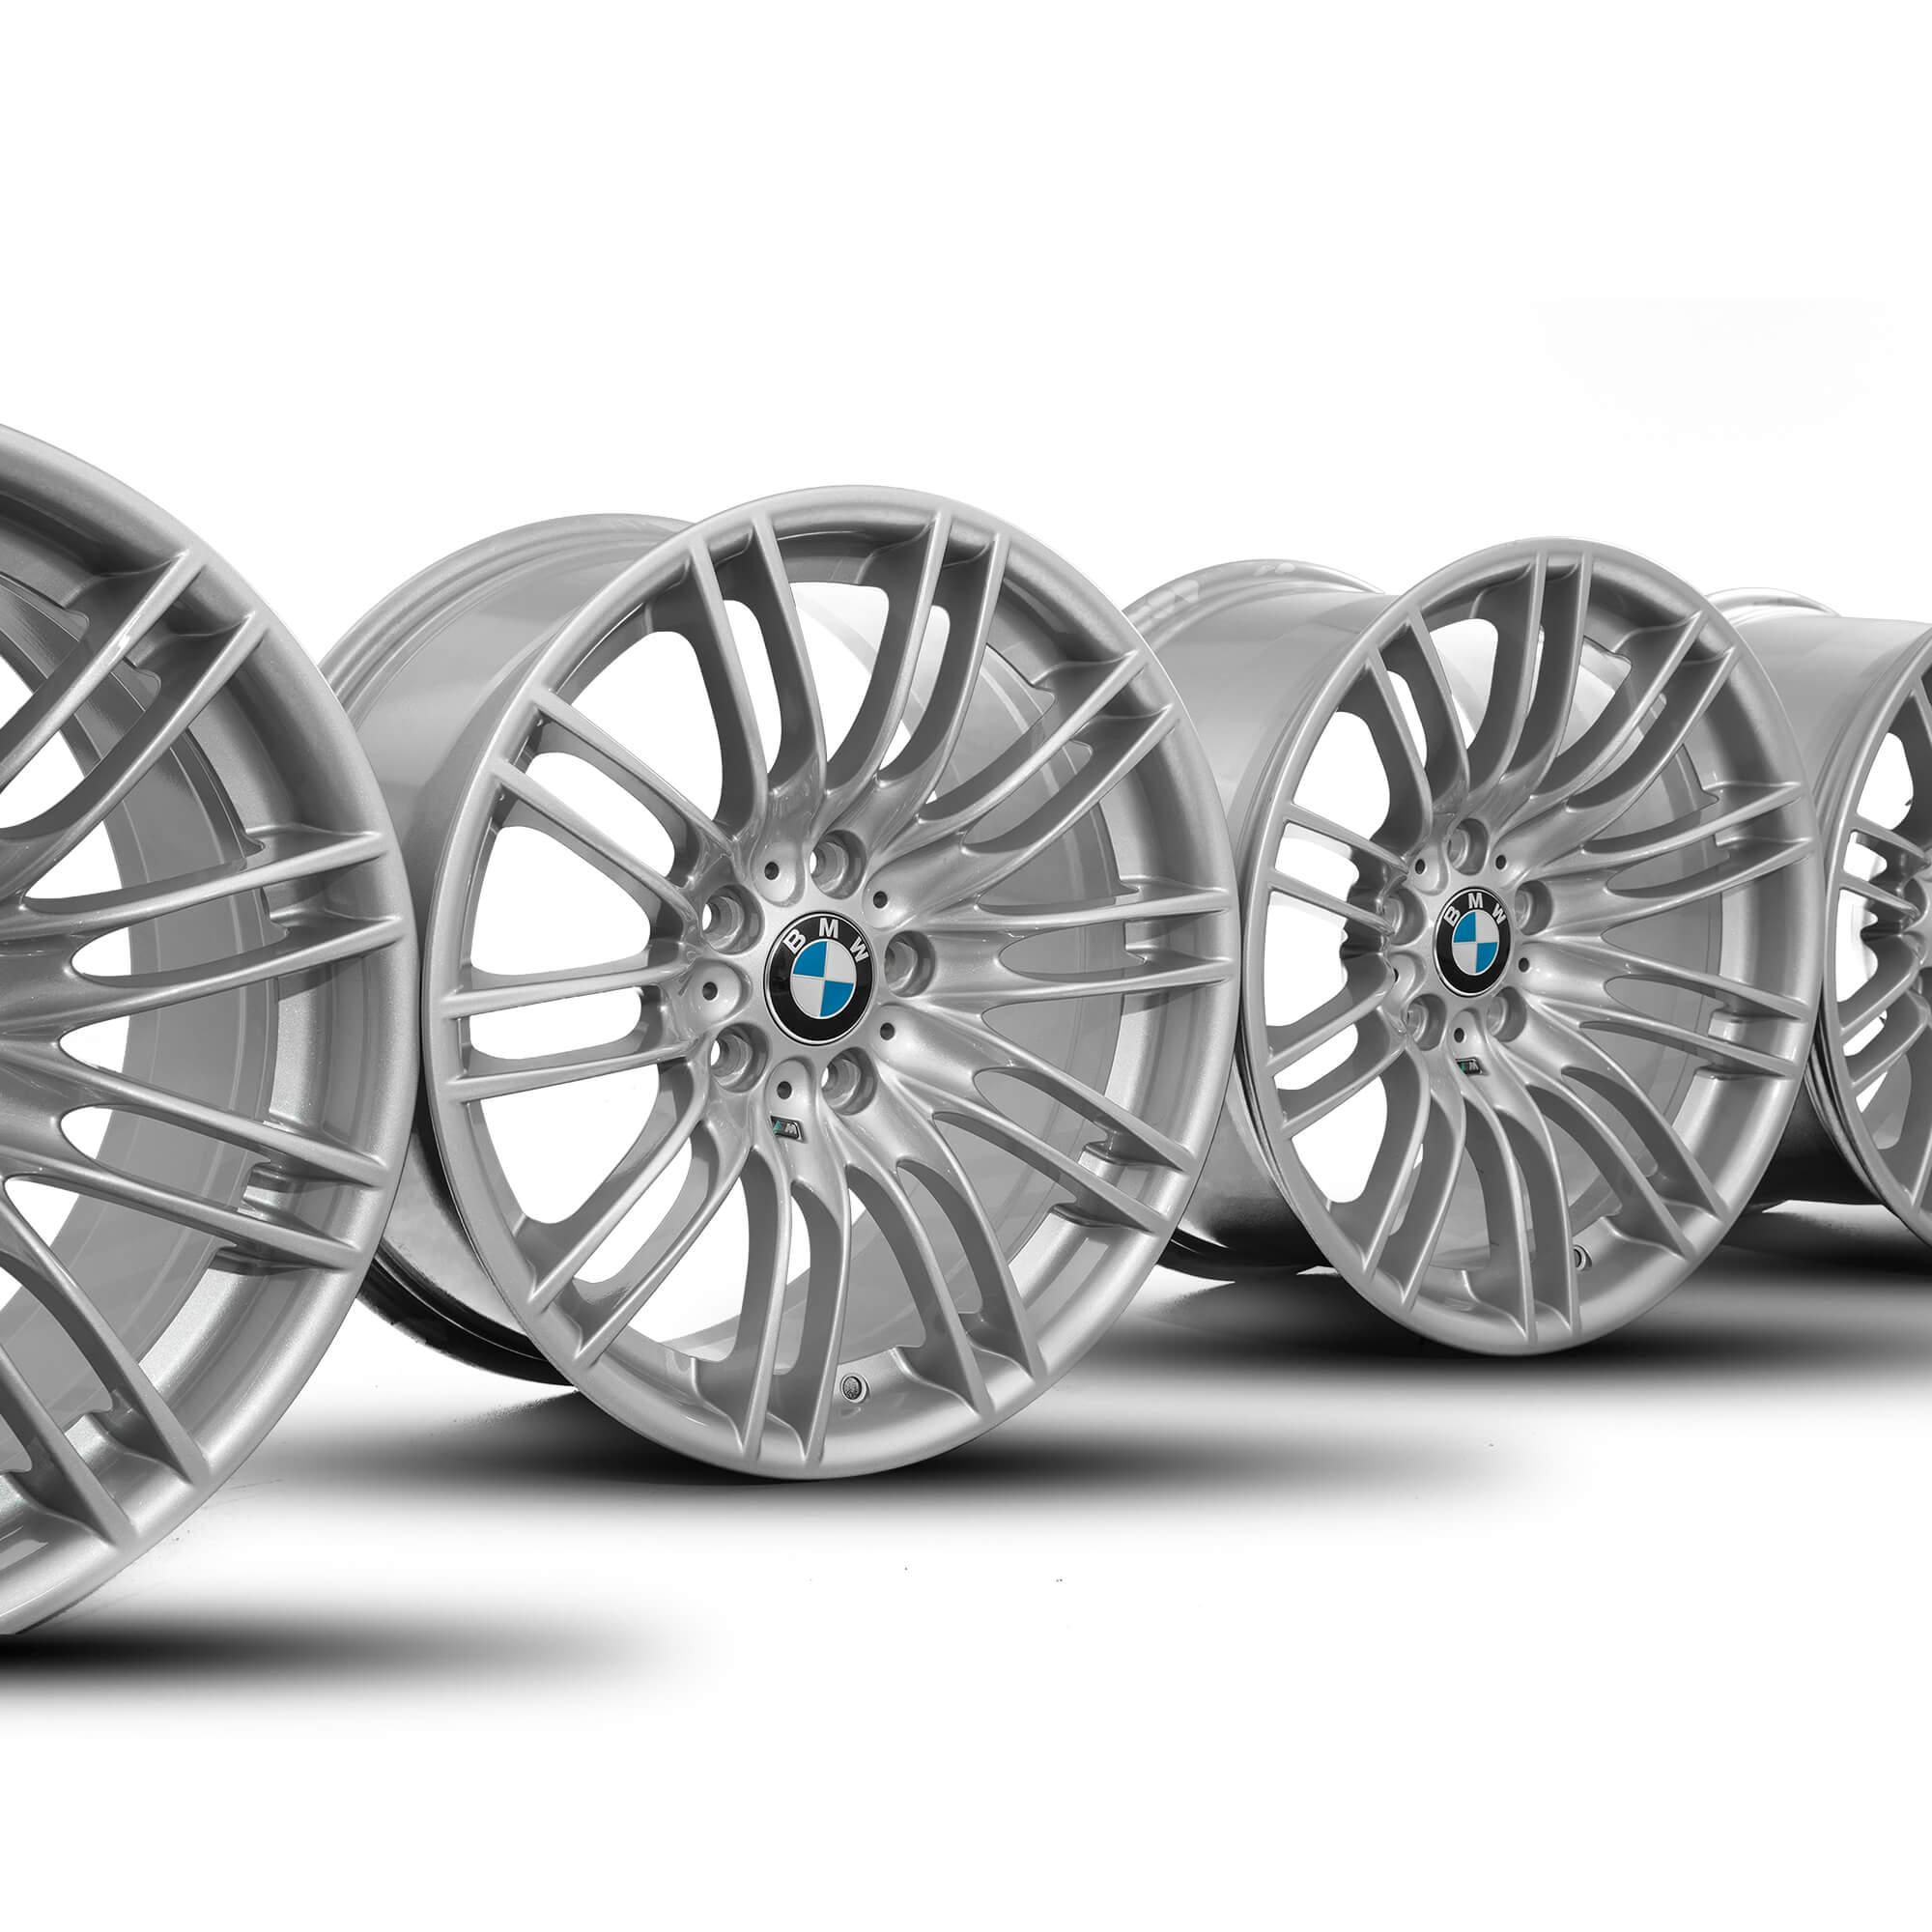 4x Bmw 18 Inch Rims M3 E90 E92 E93 Styling 260 2284504 2284505